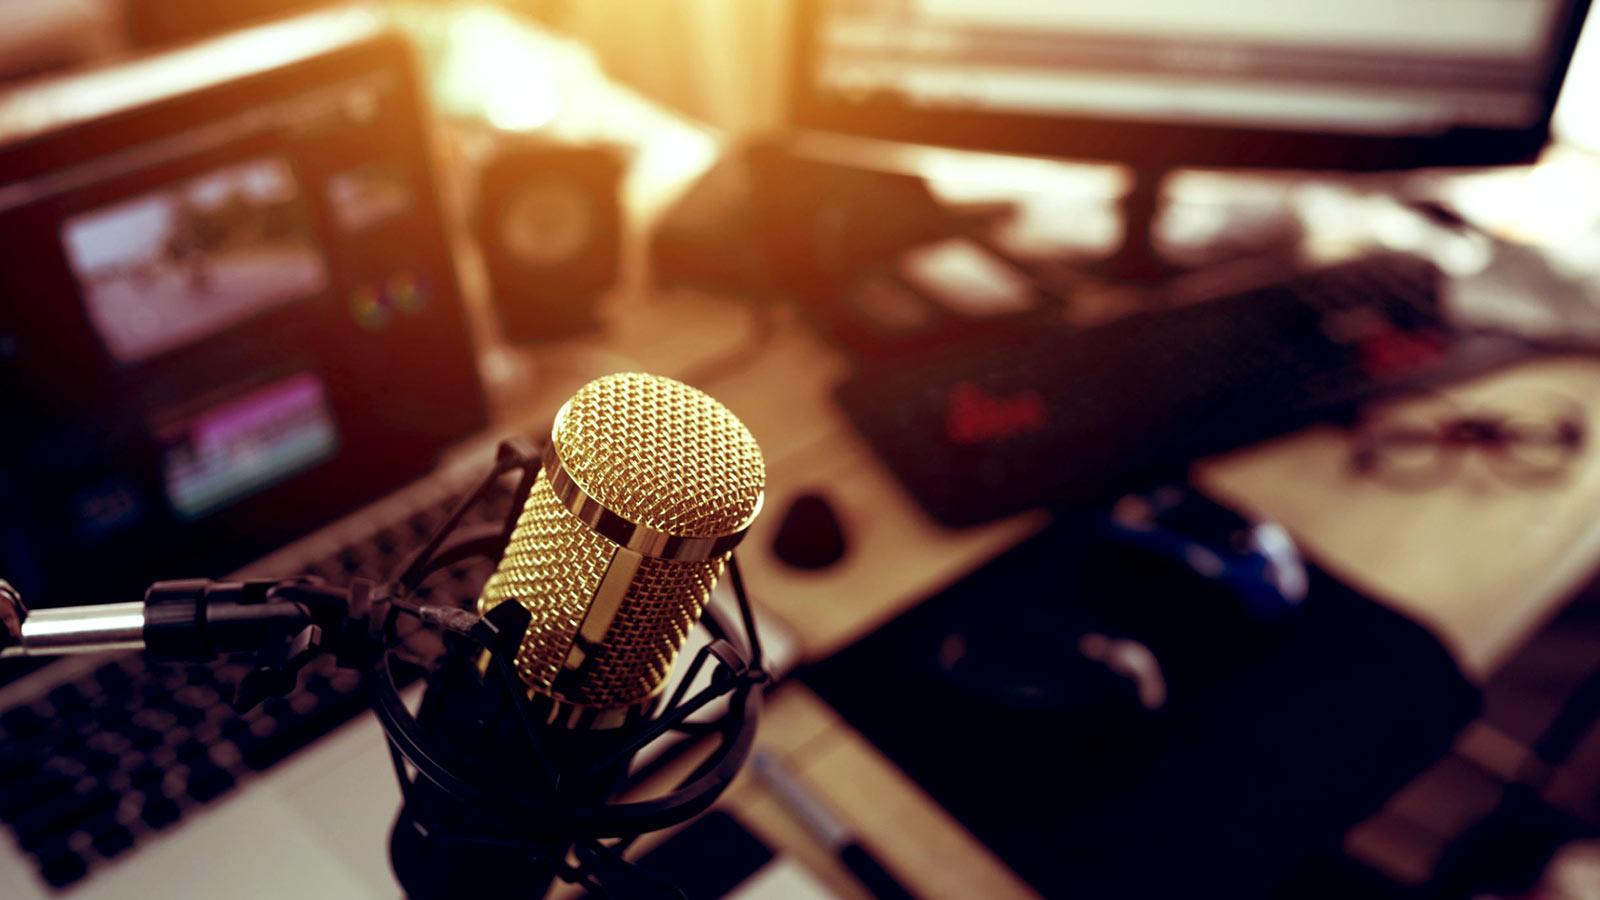 como fazer transmissao ao vivo 1a dumela - Saiba agora como fazer transmissão de vídeos ao vivo